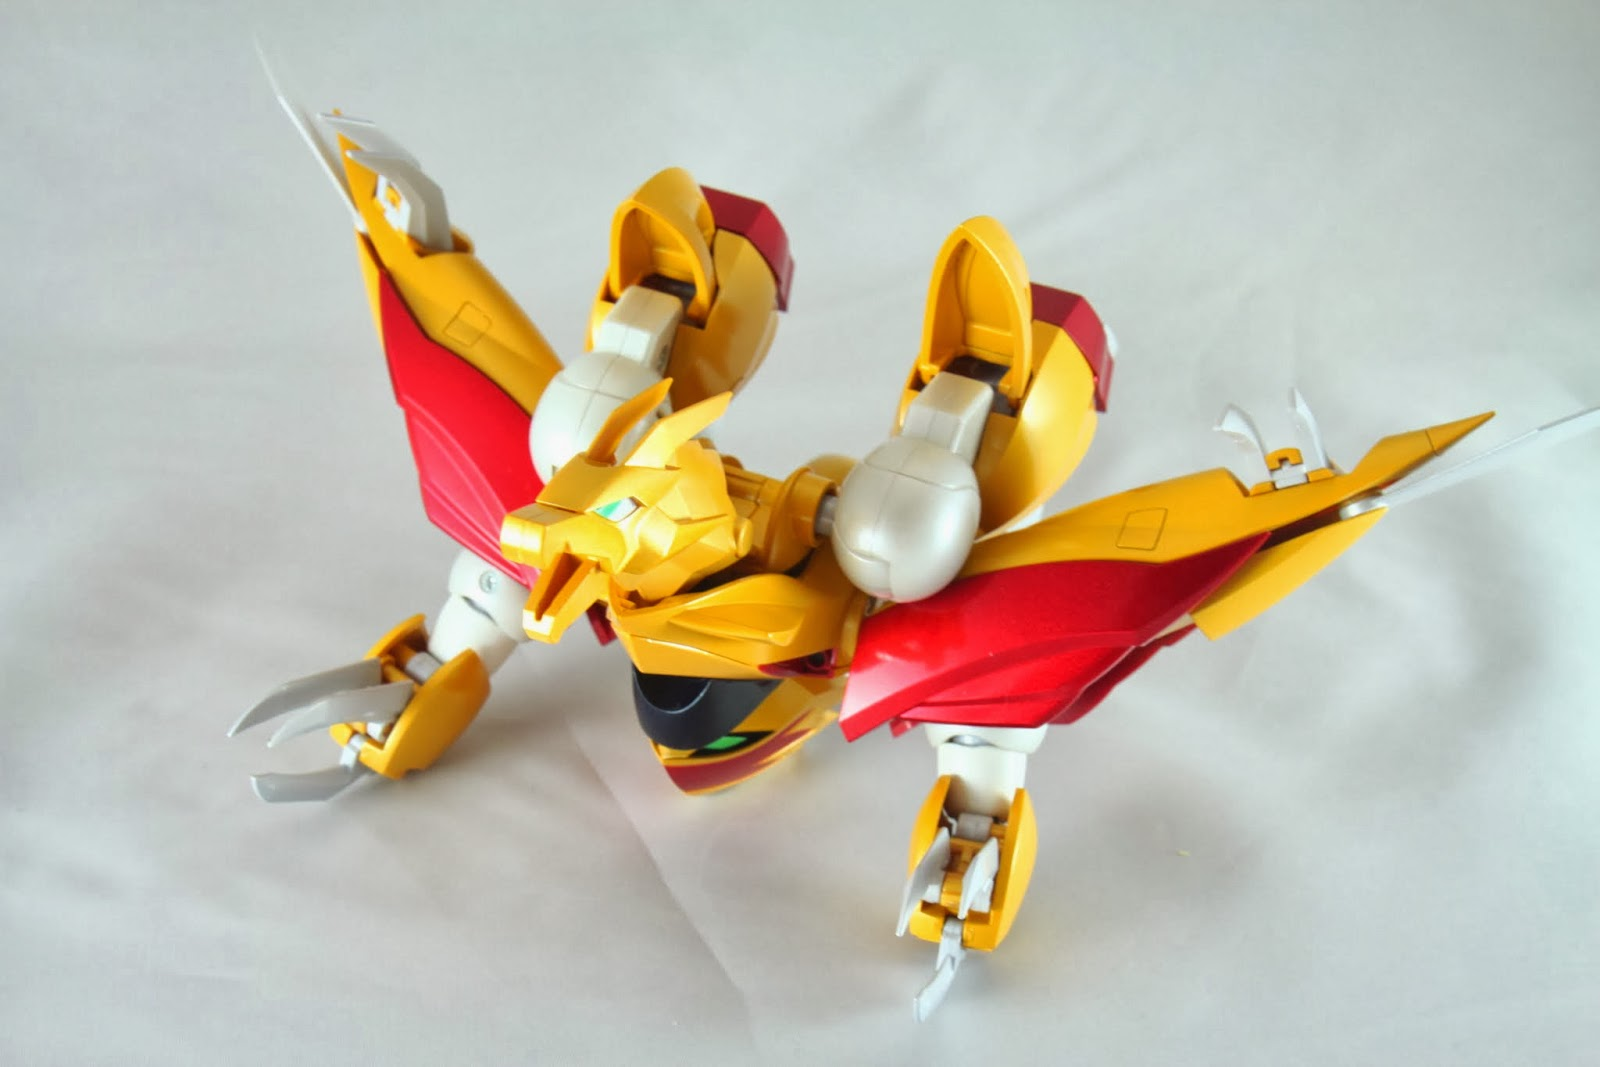 飛龍型態 不少機器人都是類似這種變法